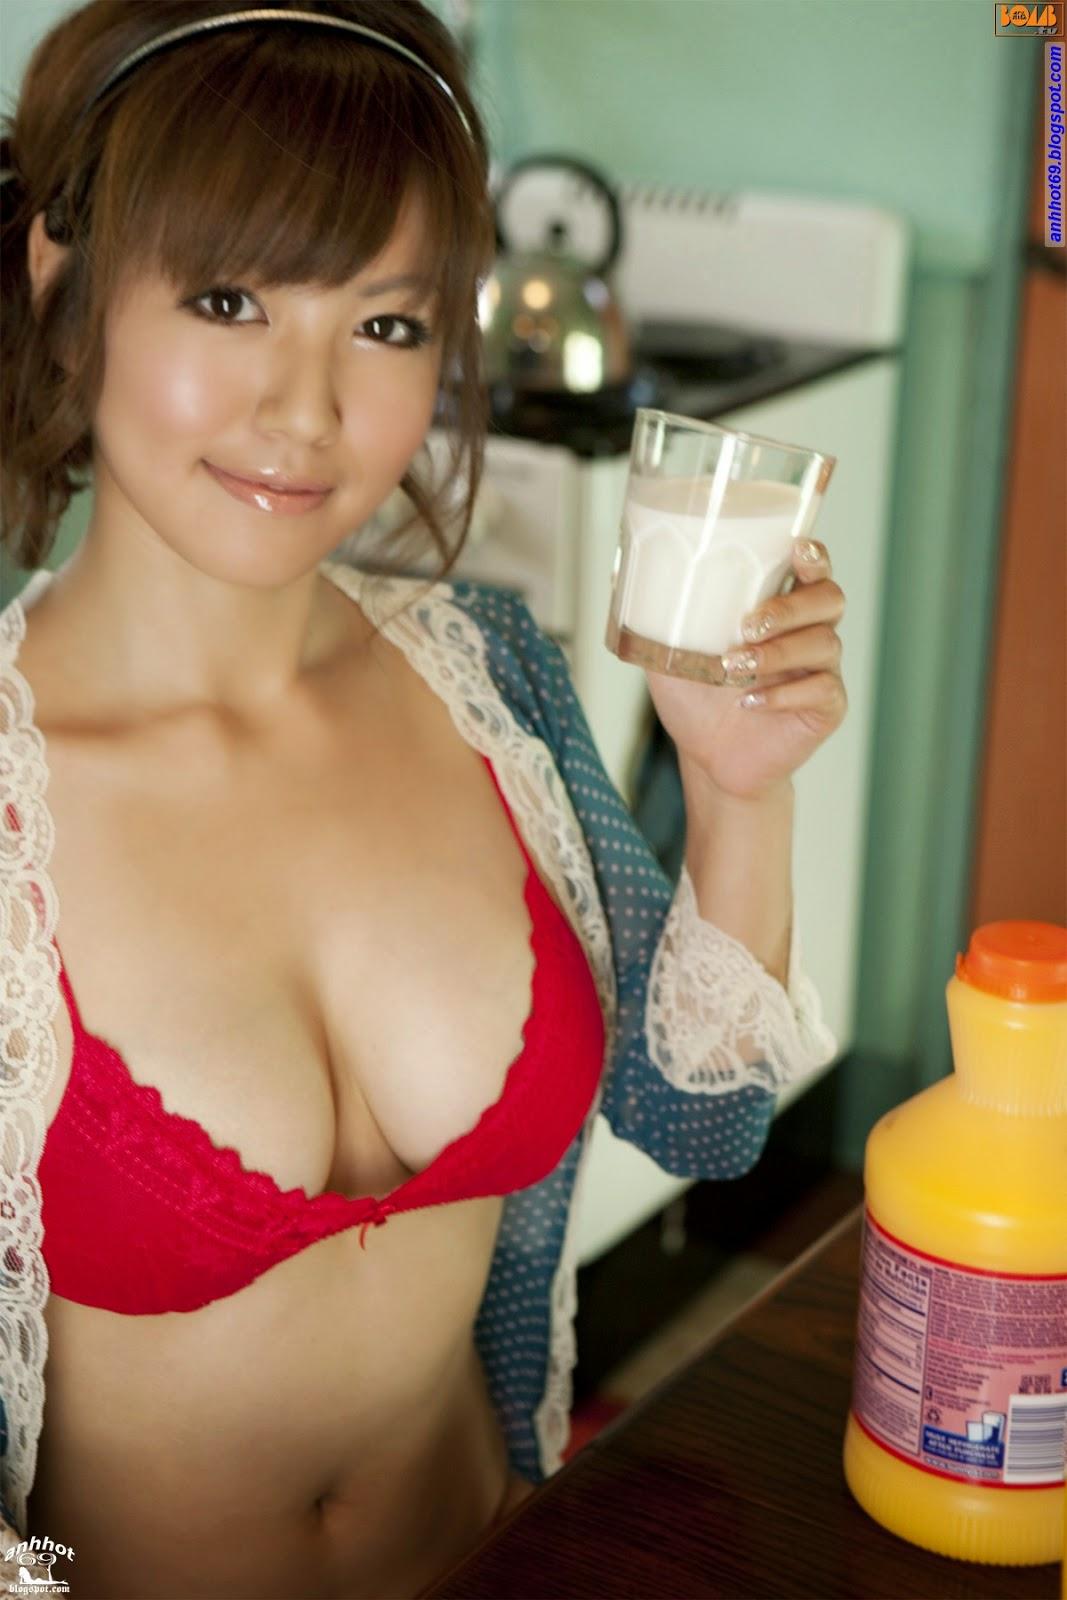 sayaka-isoyama-00600126